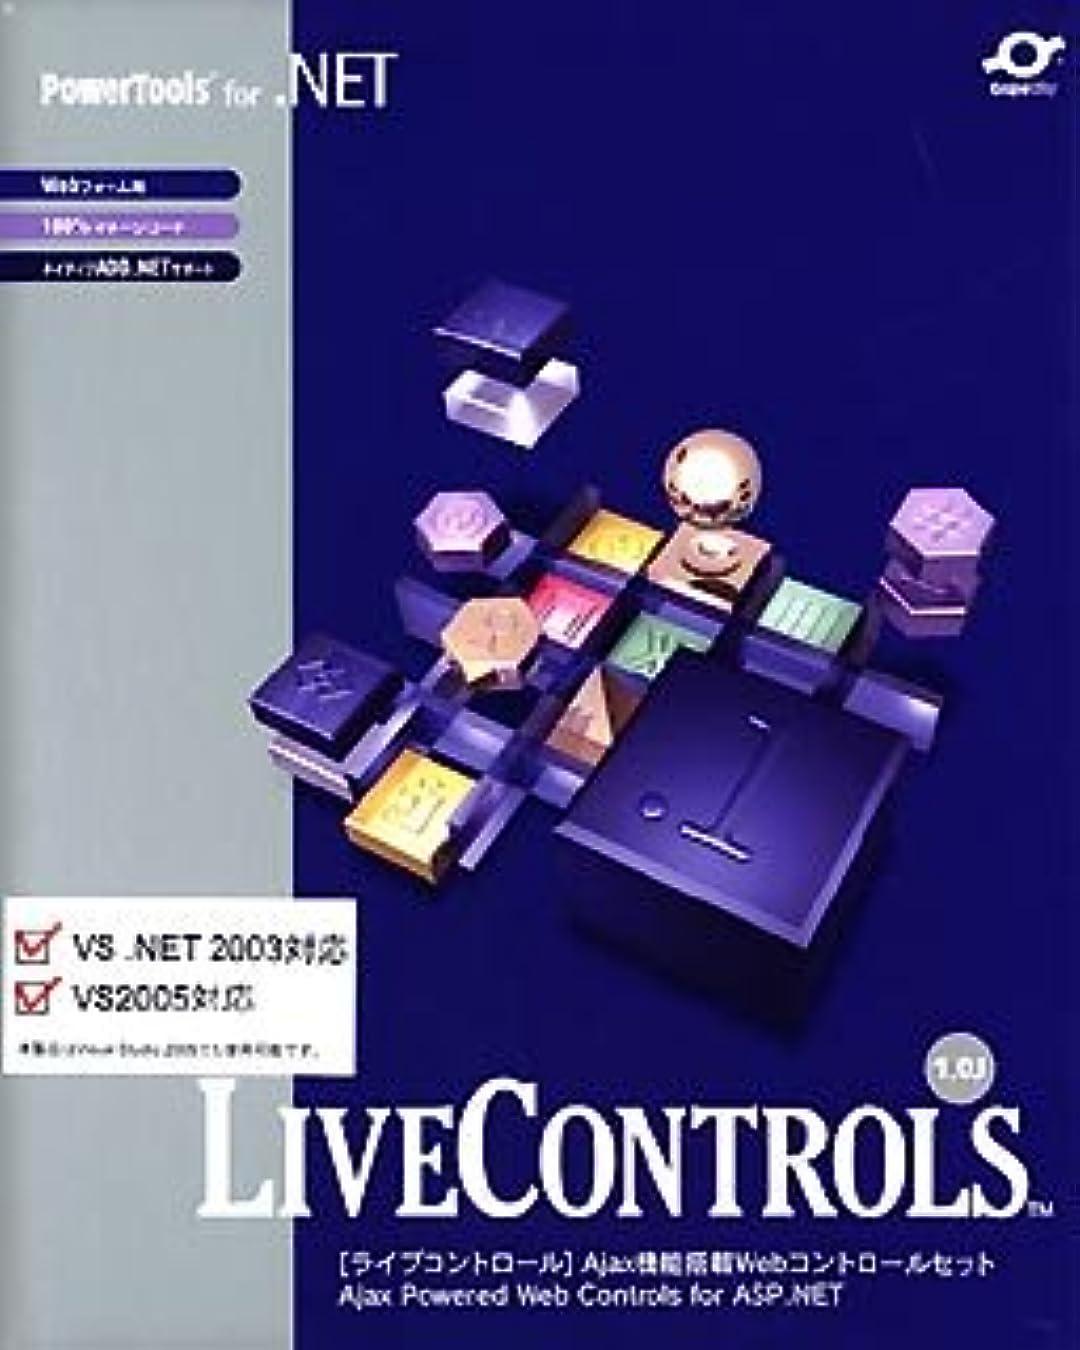 子豚ゲインセイ古代LiveControls 1.0J 1開発ライセンスパッケージ